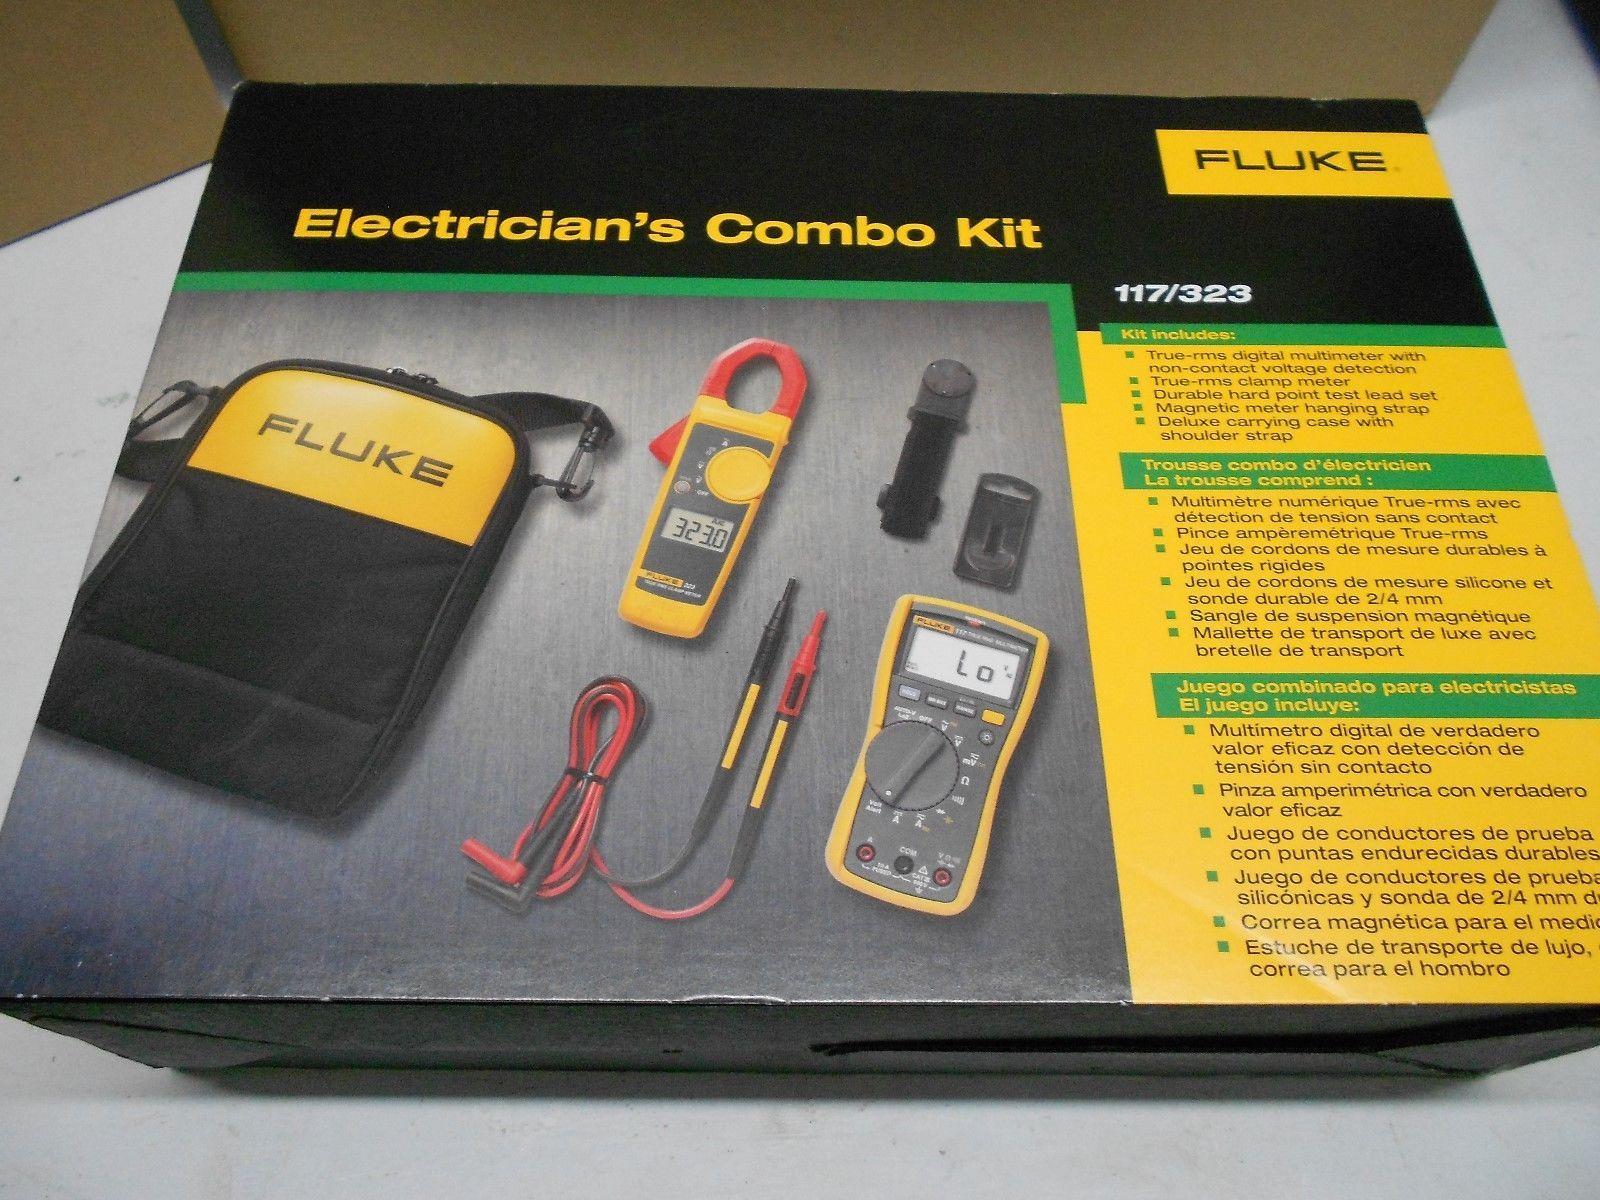 Brand New Fluke 117 323 Electricians Multimeter Combo Kit Fluke117 Combo Kit Multimeter Kit